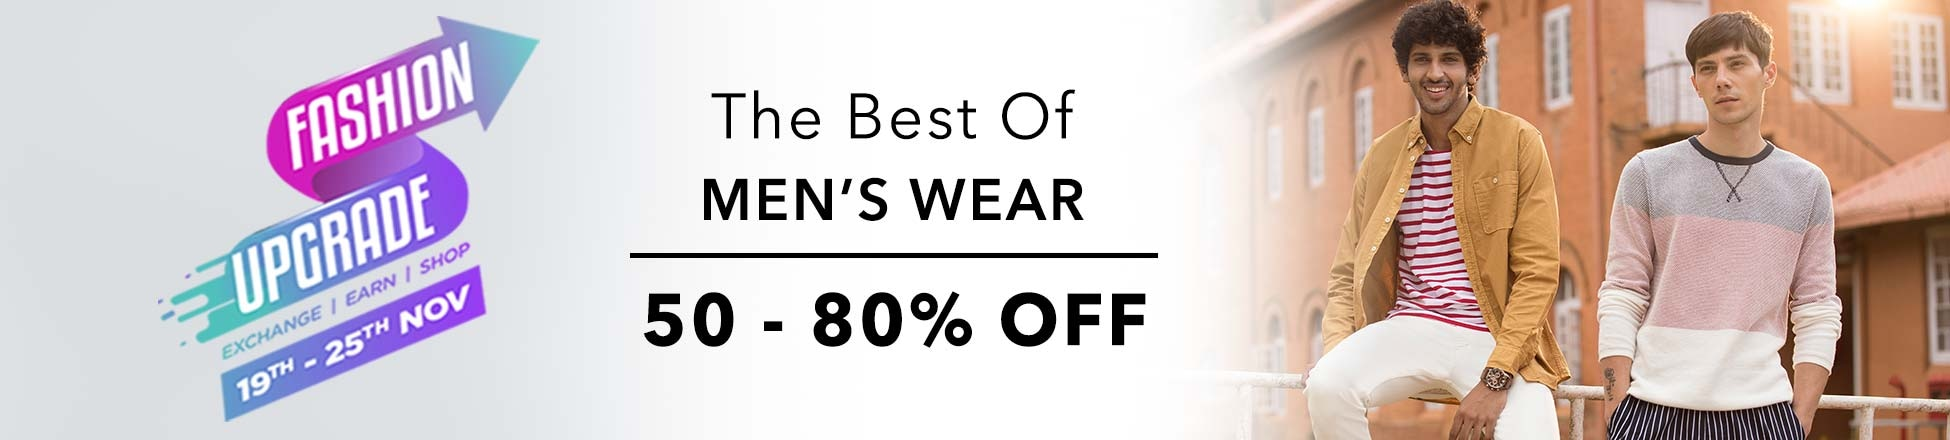 Myntra fashion sale